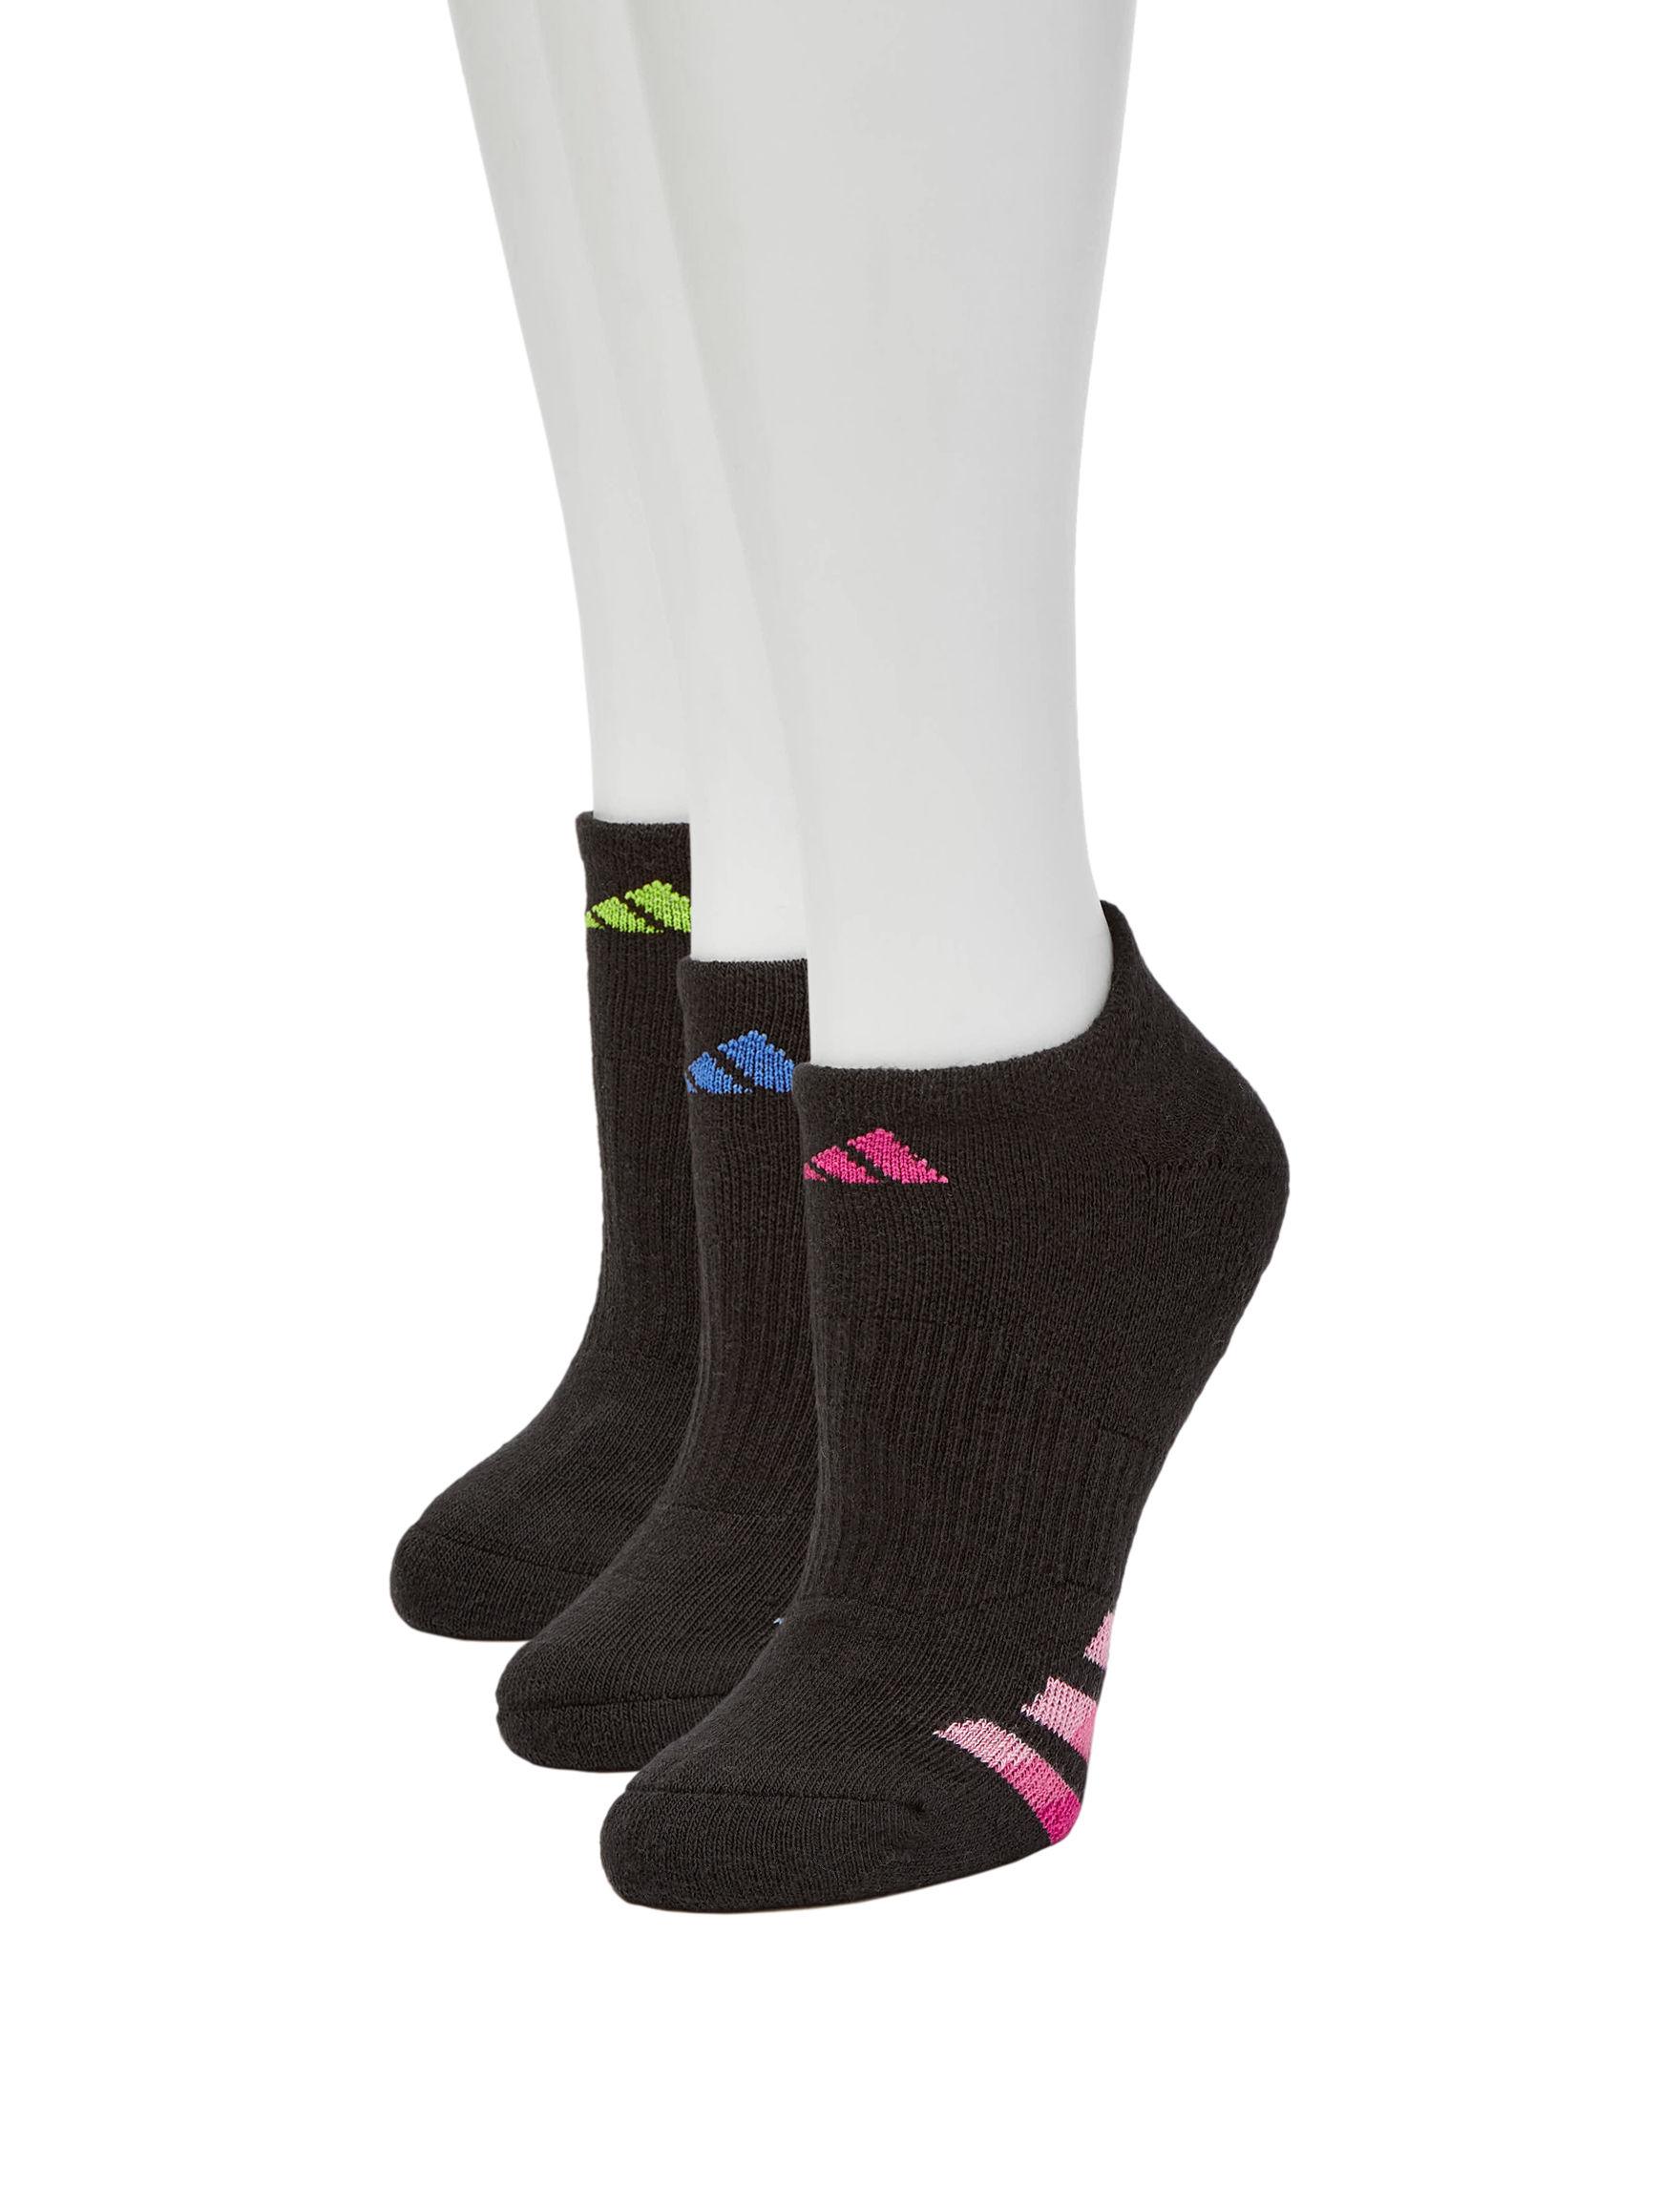 Adidas Black Socks